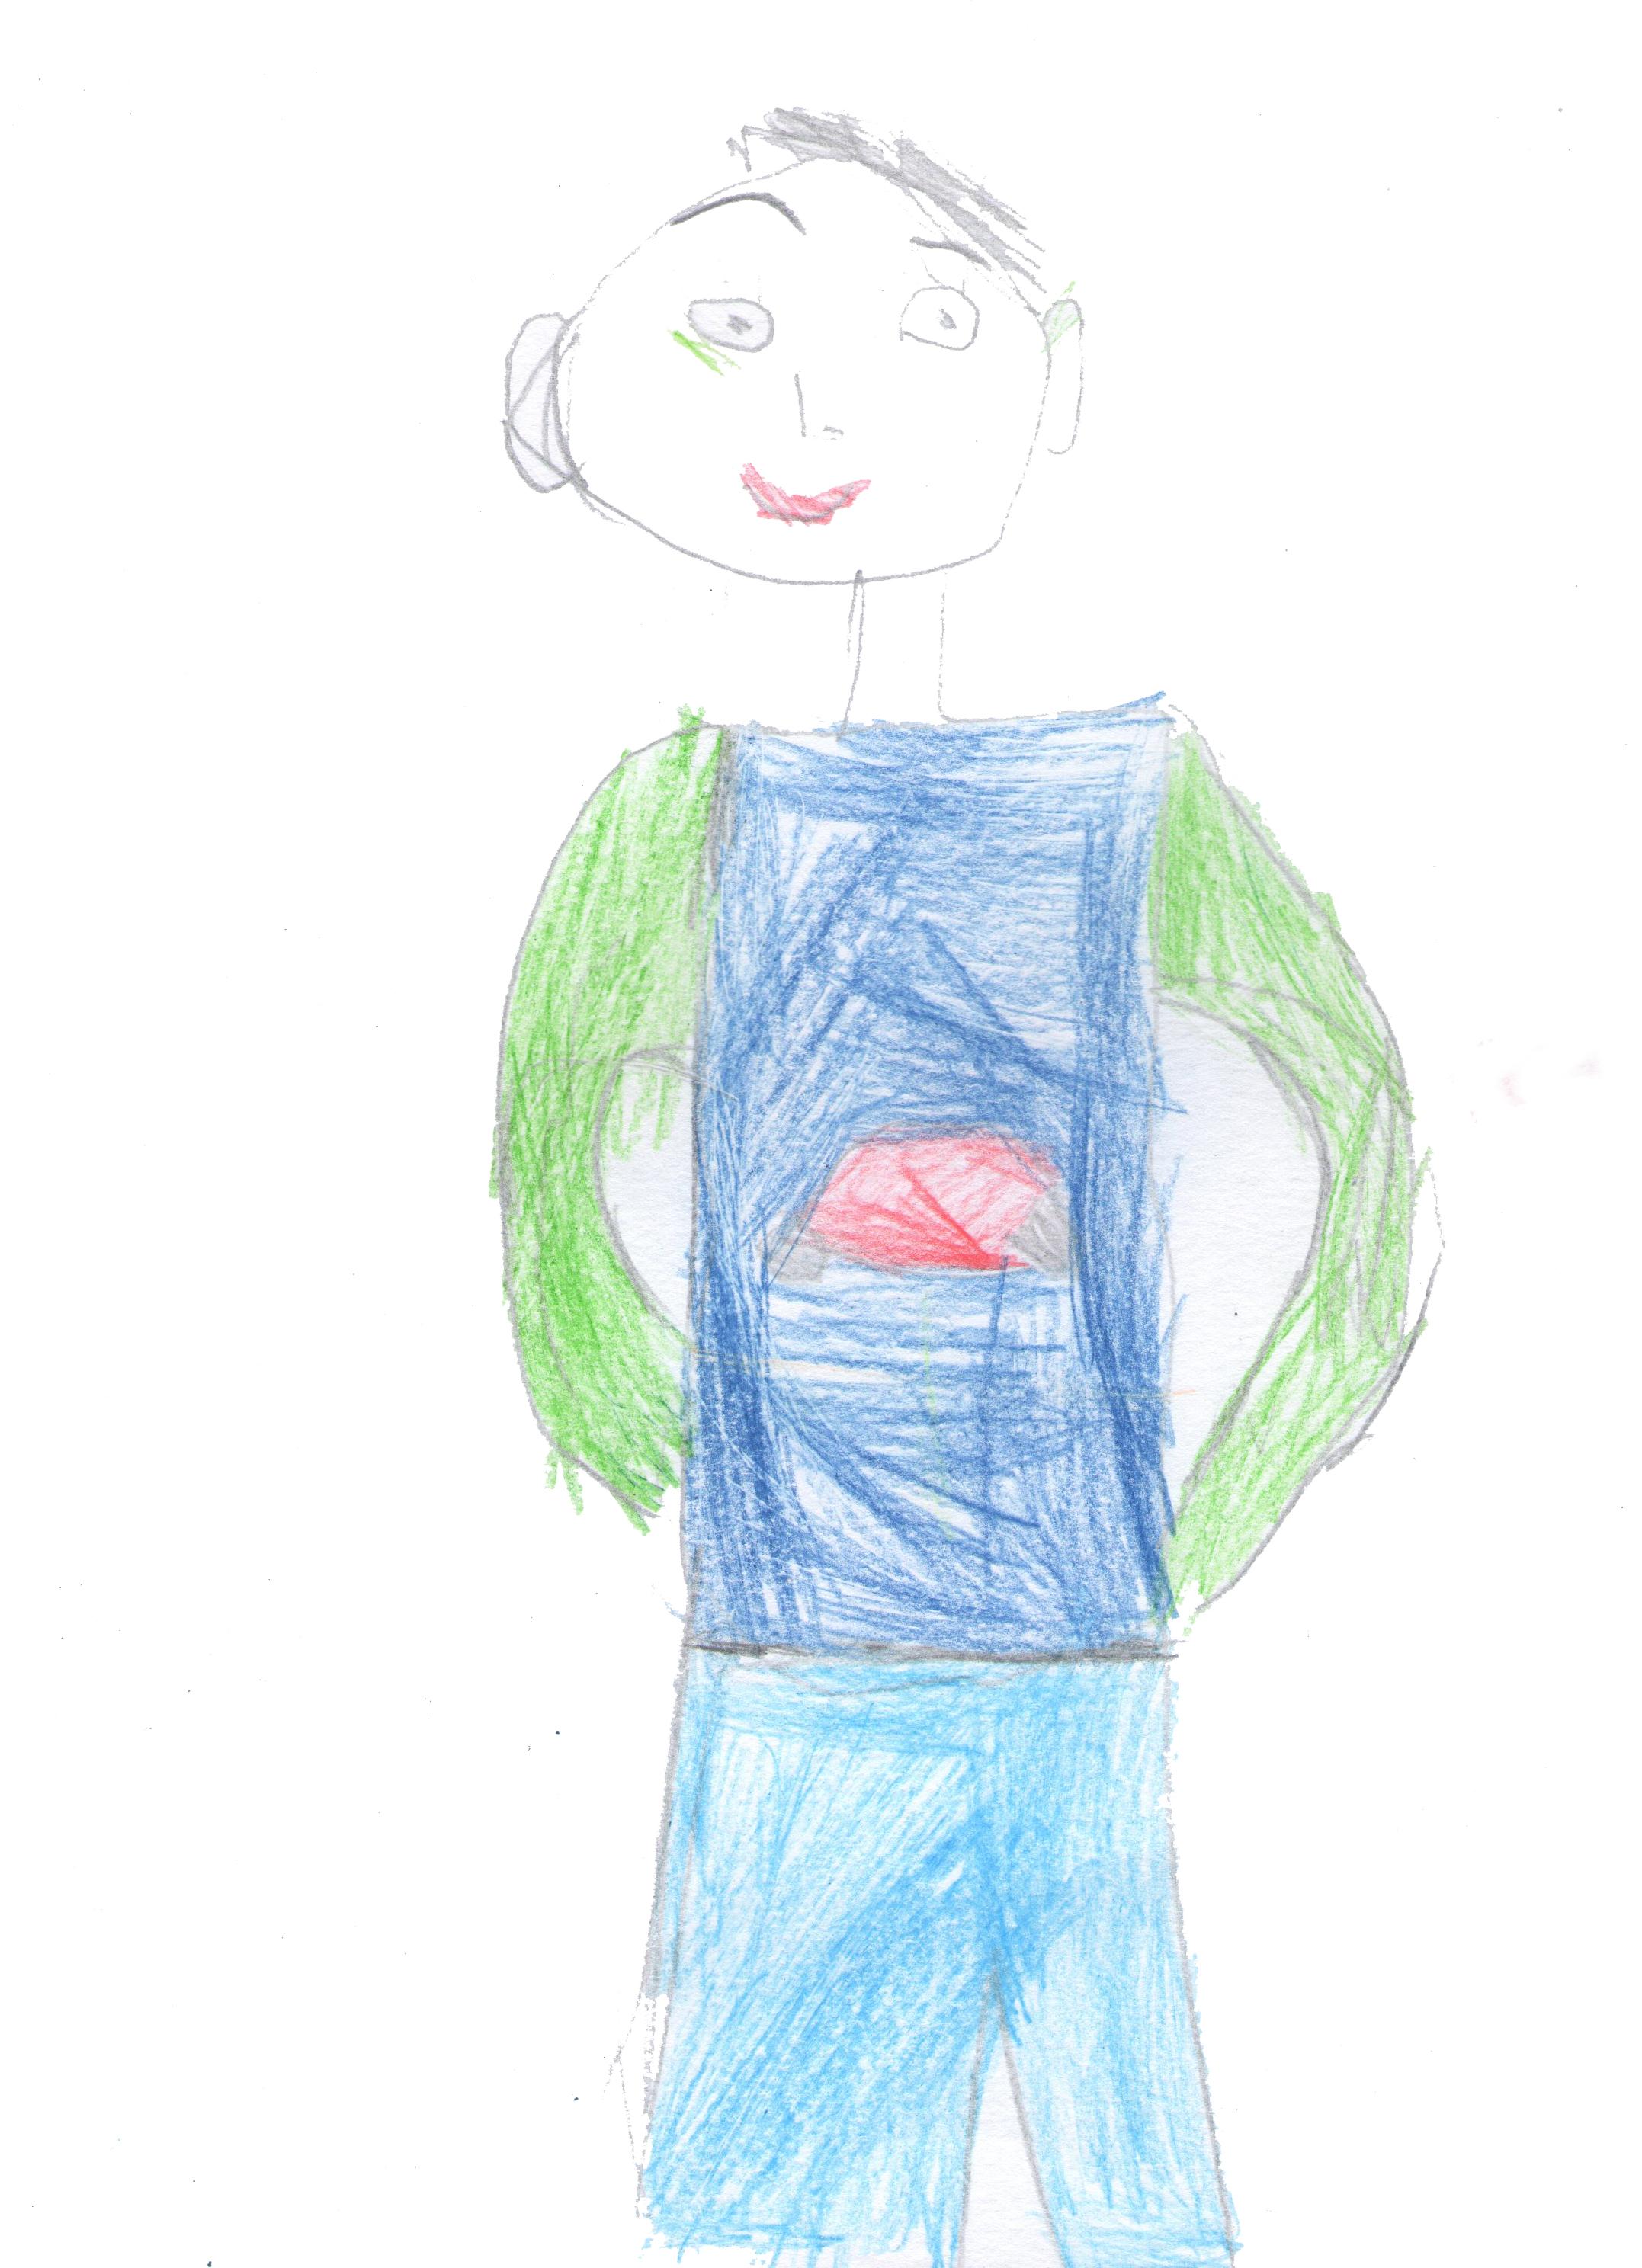 Gambar Sketsa Gambar Seni Anak Ilustrasi Mode Desain